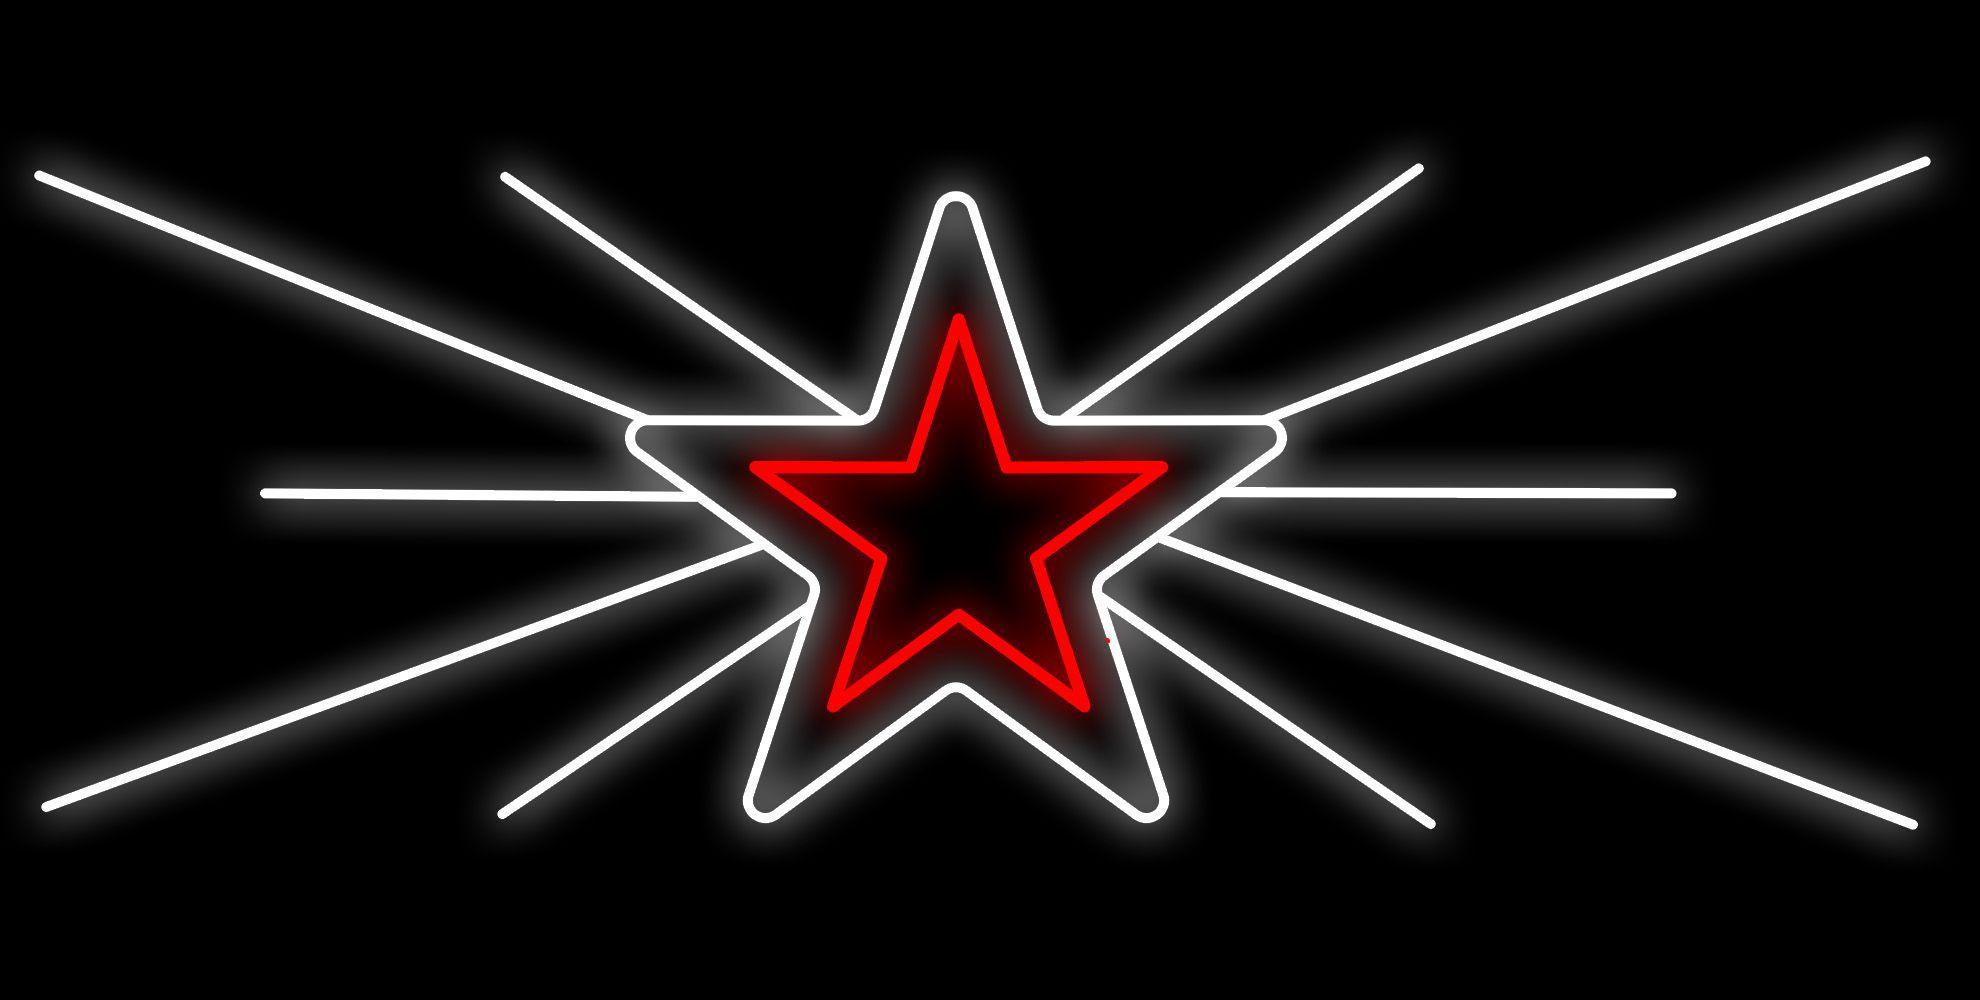 PO-040 - Painel Iluminado Led Estrela Nascente - (Veja Opções Tamanhos)